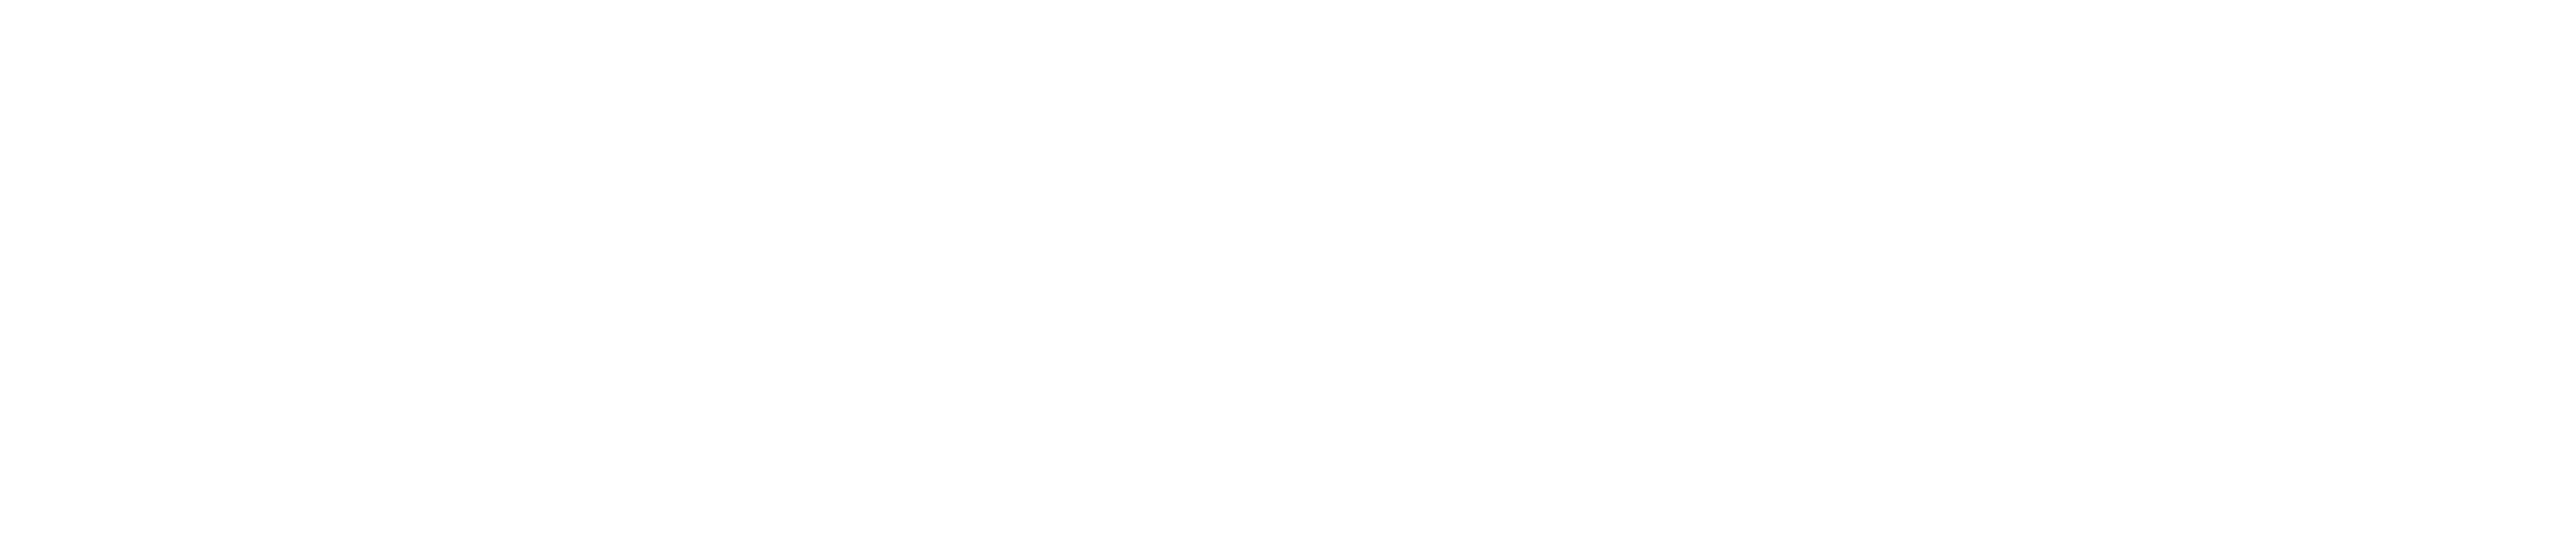 Hawkrigg Farm